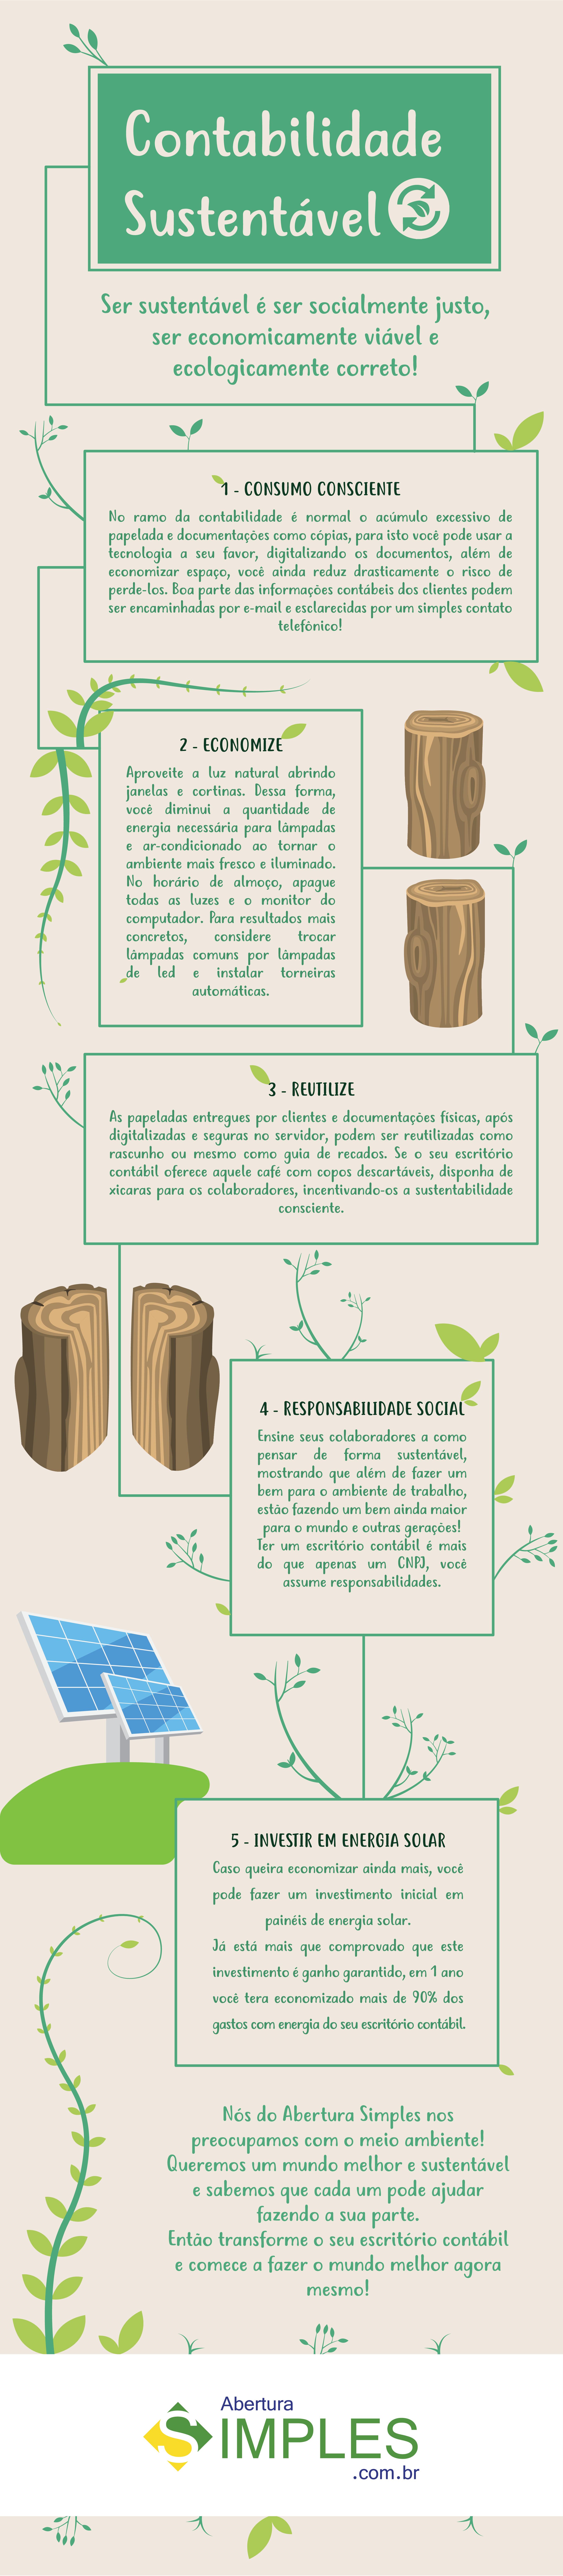 Infográfico sobre contabilidade sustentável - Abertura Simples